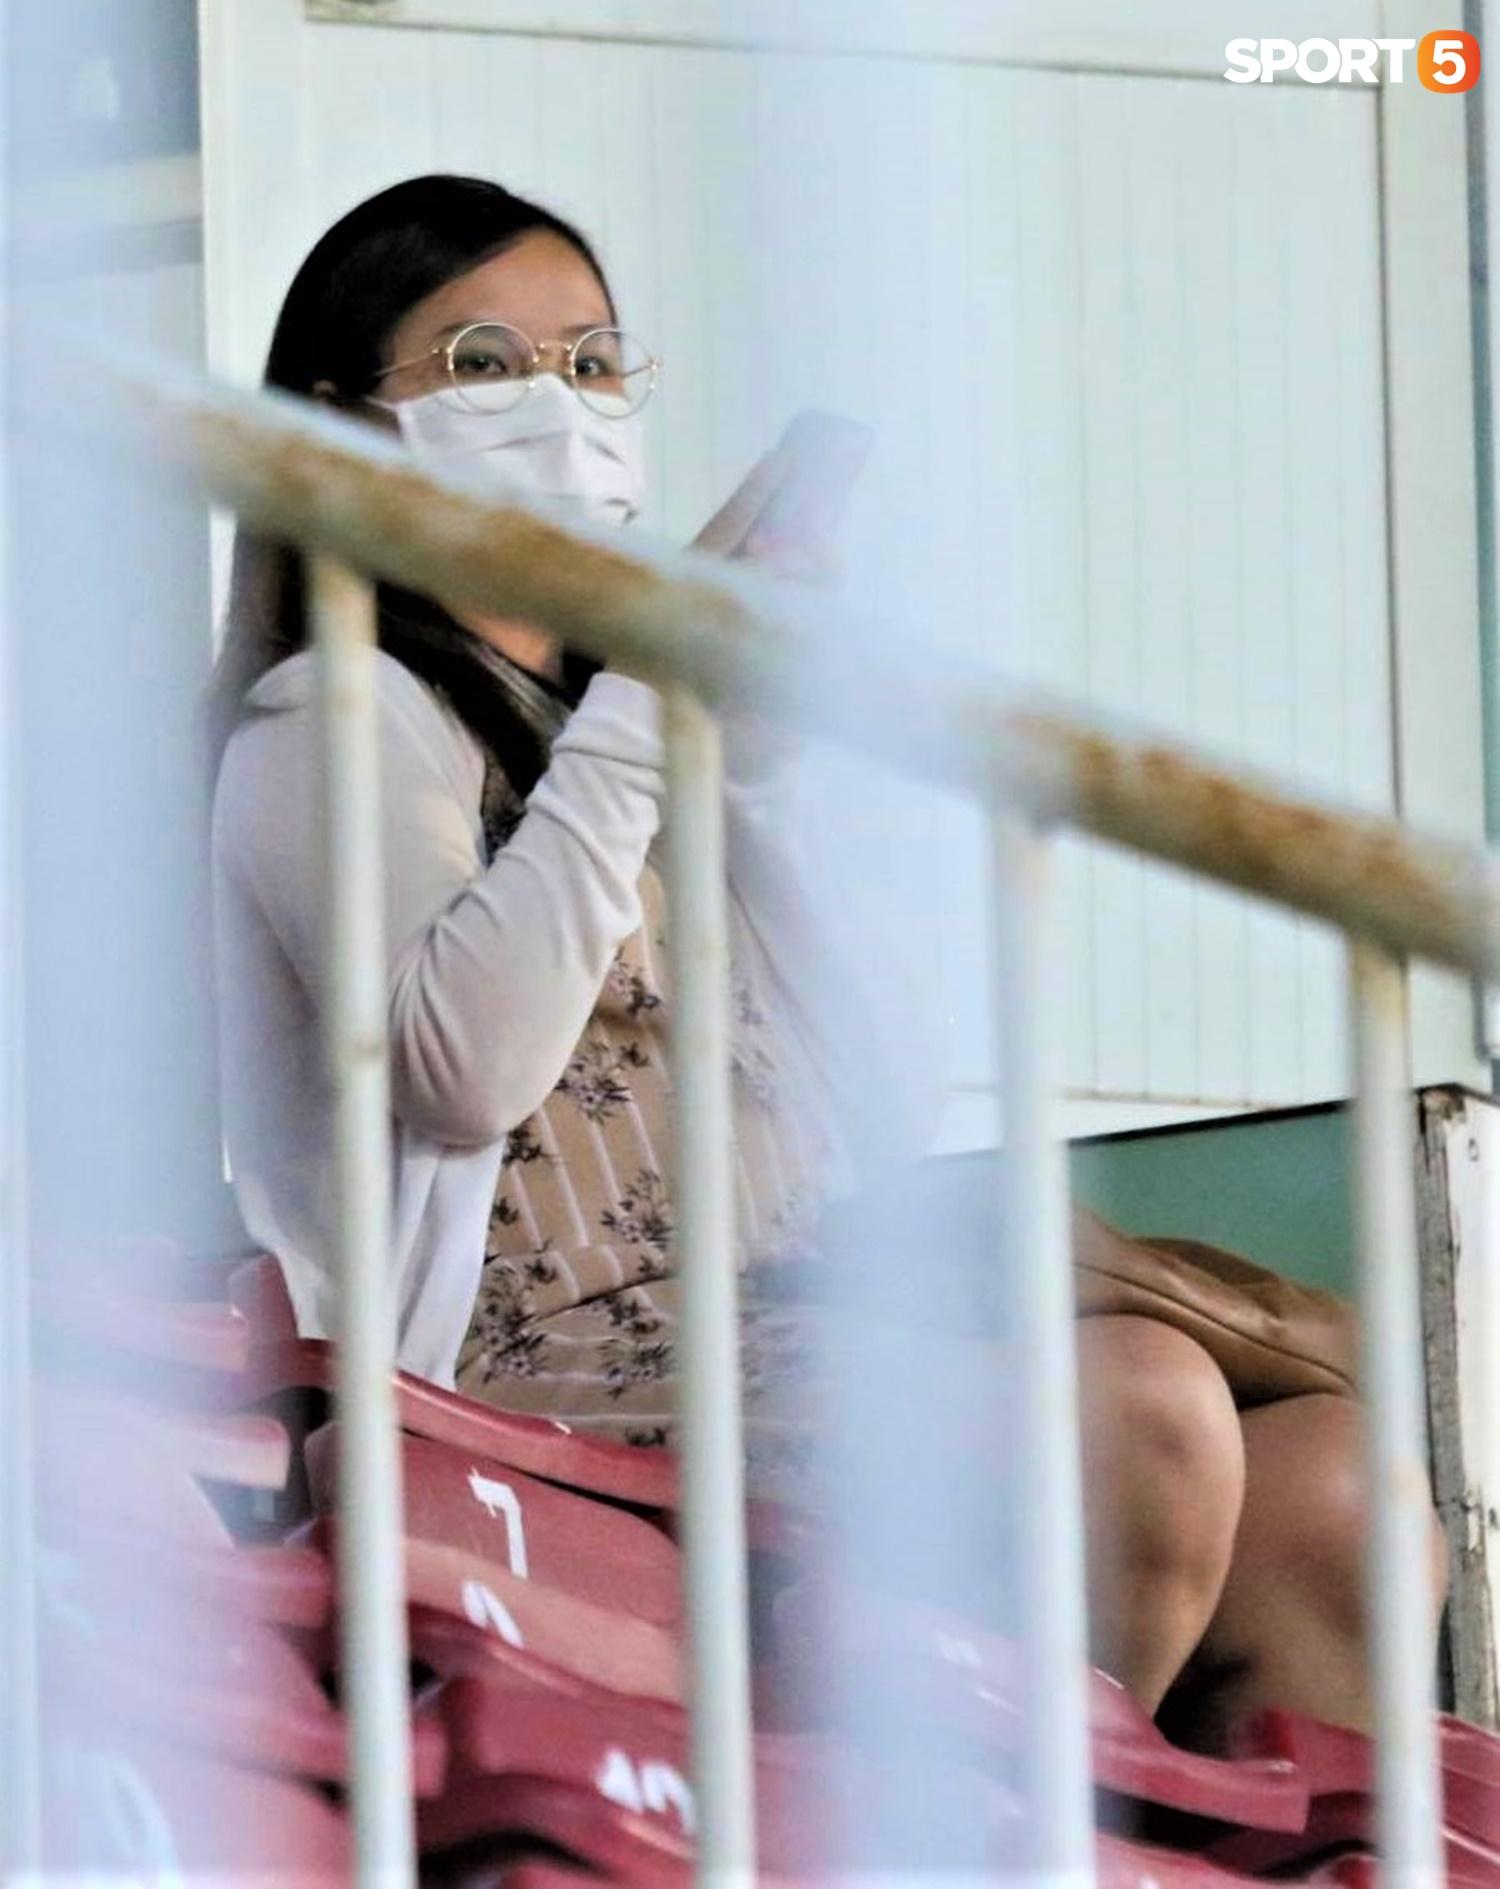 Vợ Công Phượng đến sân cổ vũ HAGL, dáng vẻ mang bầu lộ rõ - ảnh 3